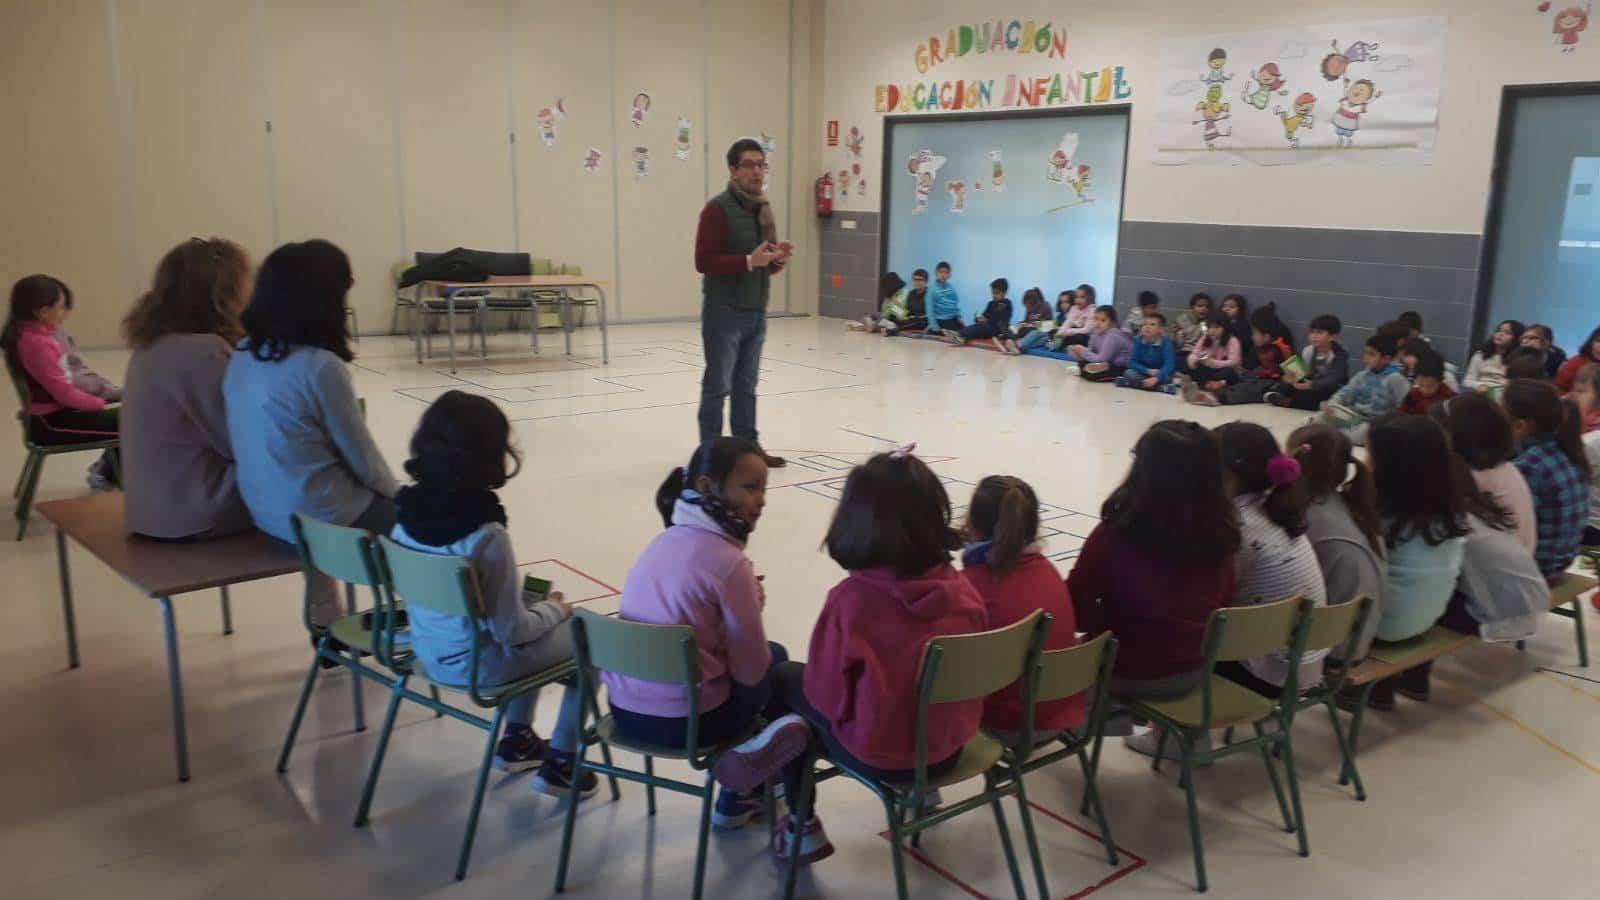 Emilio Calderon en el CEIP Carrasco Alclade2 - Encuentro del escritor Emilio Calderón con jóvenes de los centros educativos de Herencia